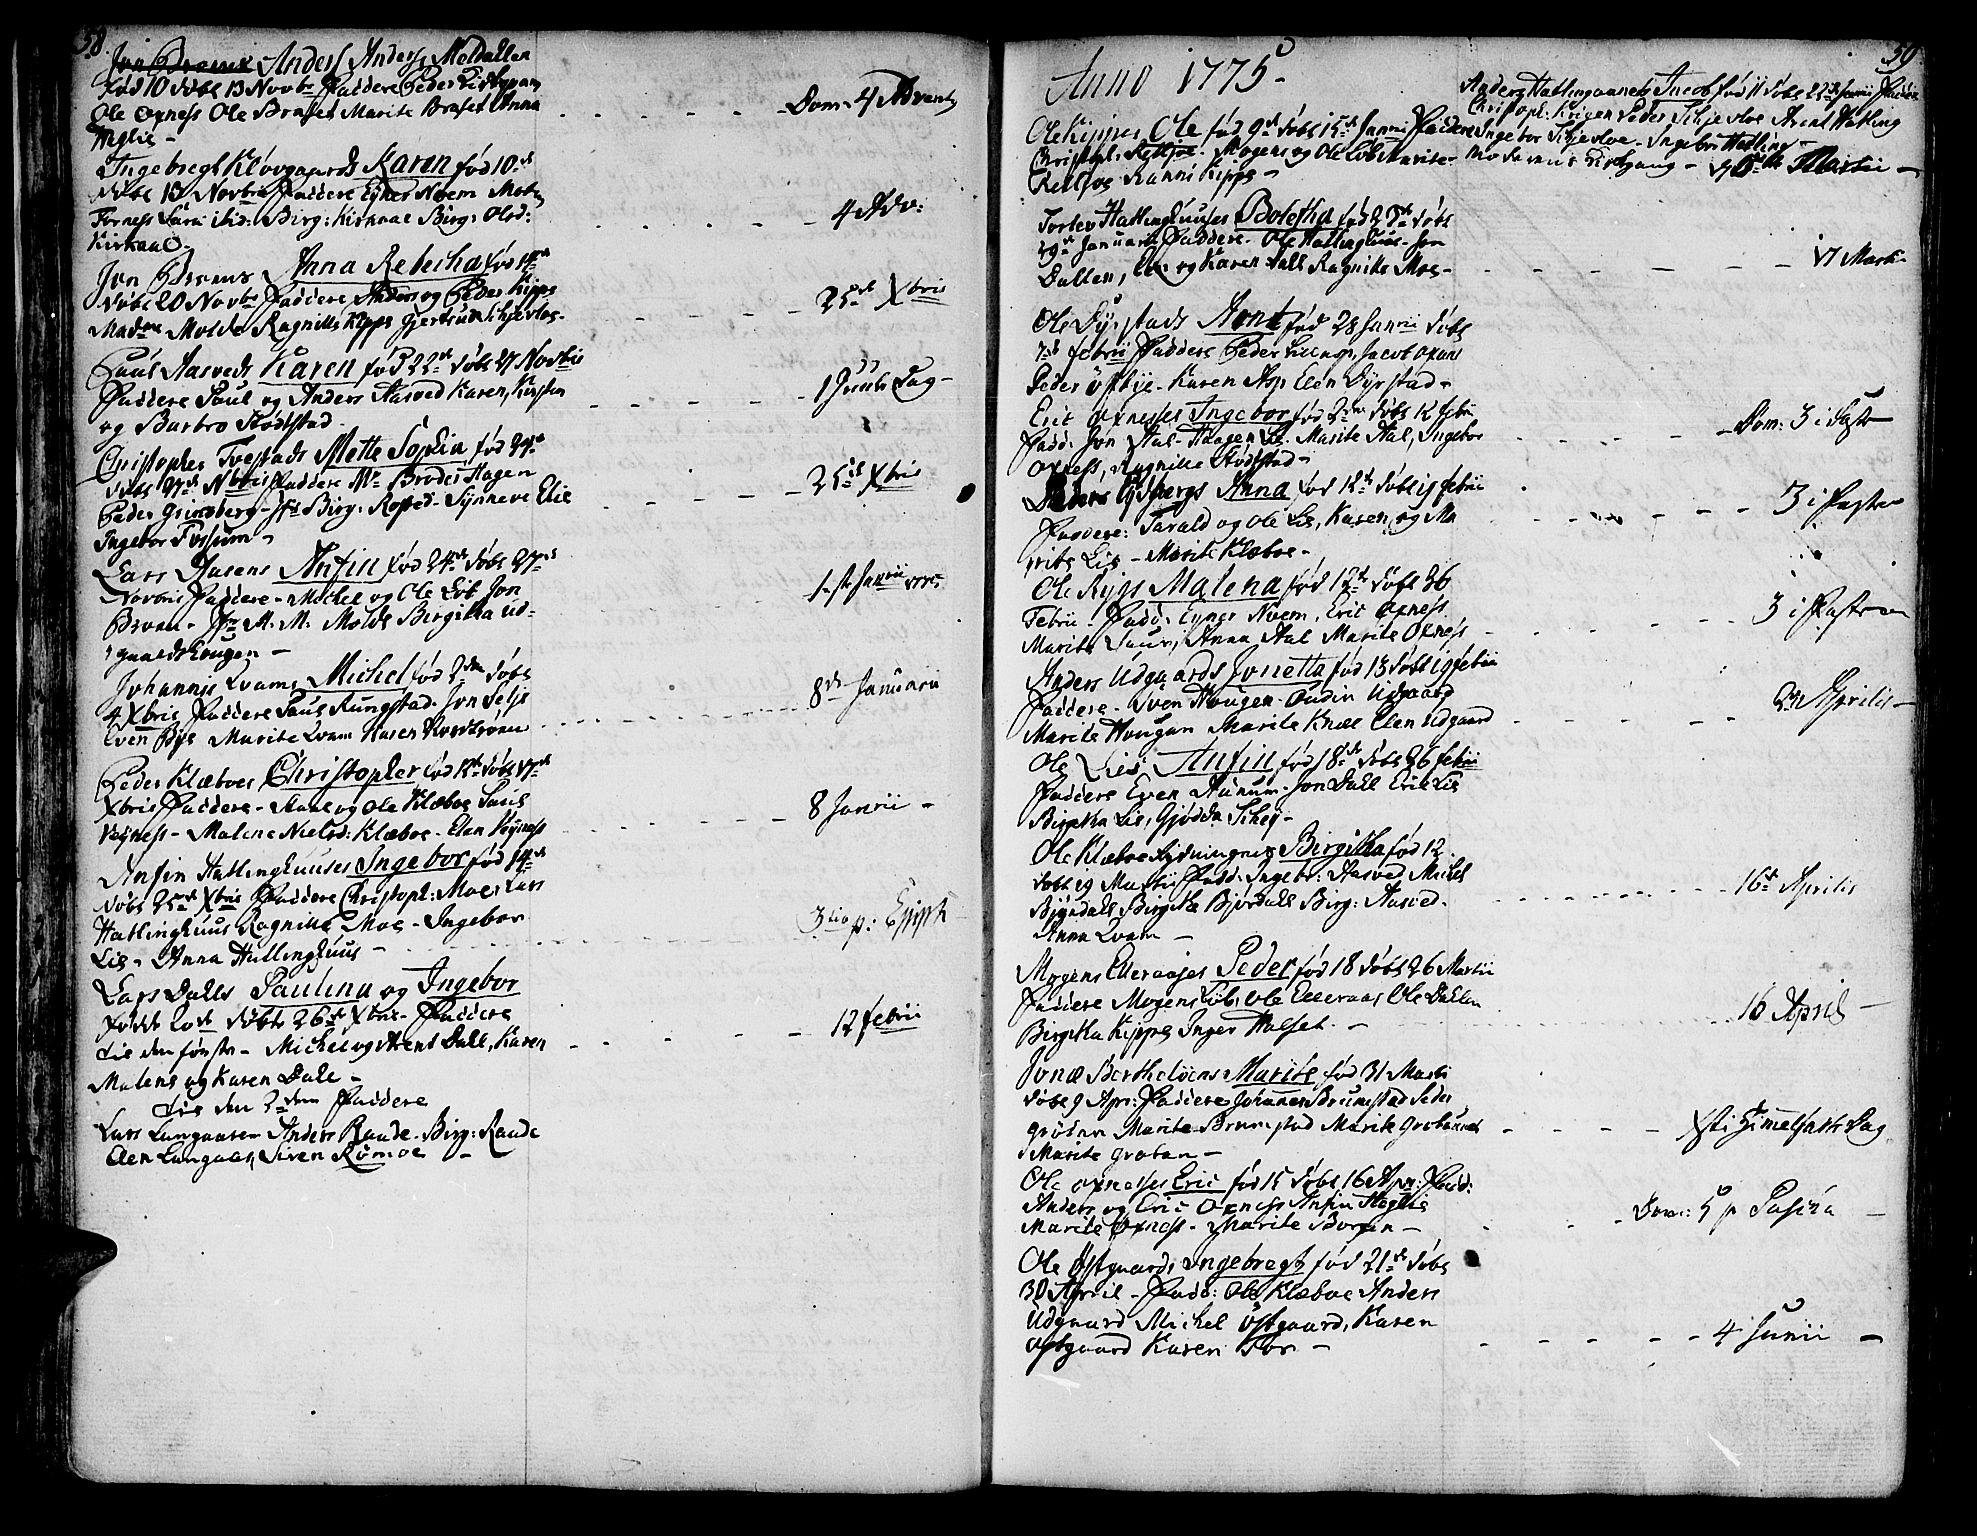 SAT, Ministerialprotokoller, klokkerbøker og fødselsregistre - Nord-Trøndelag, 746/L0440: Ministerialbok nr. 746A02, 1760-1815, s. 58-59